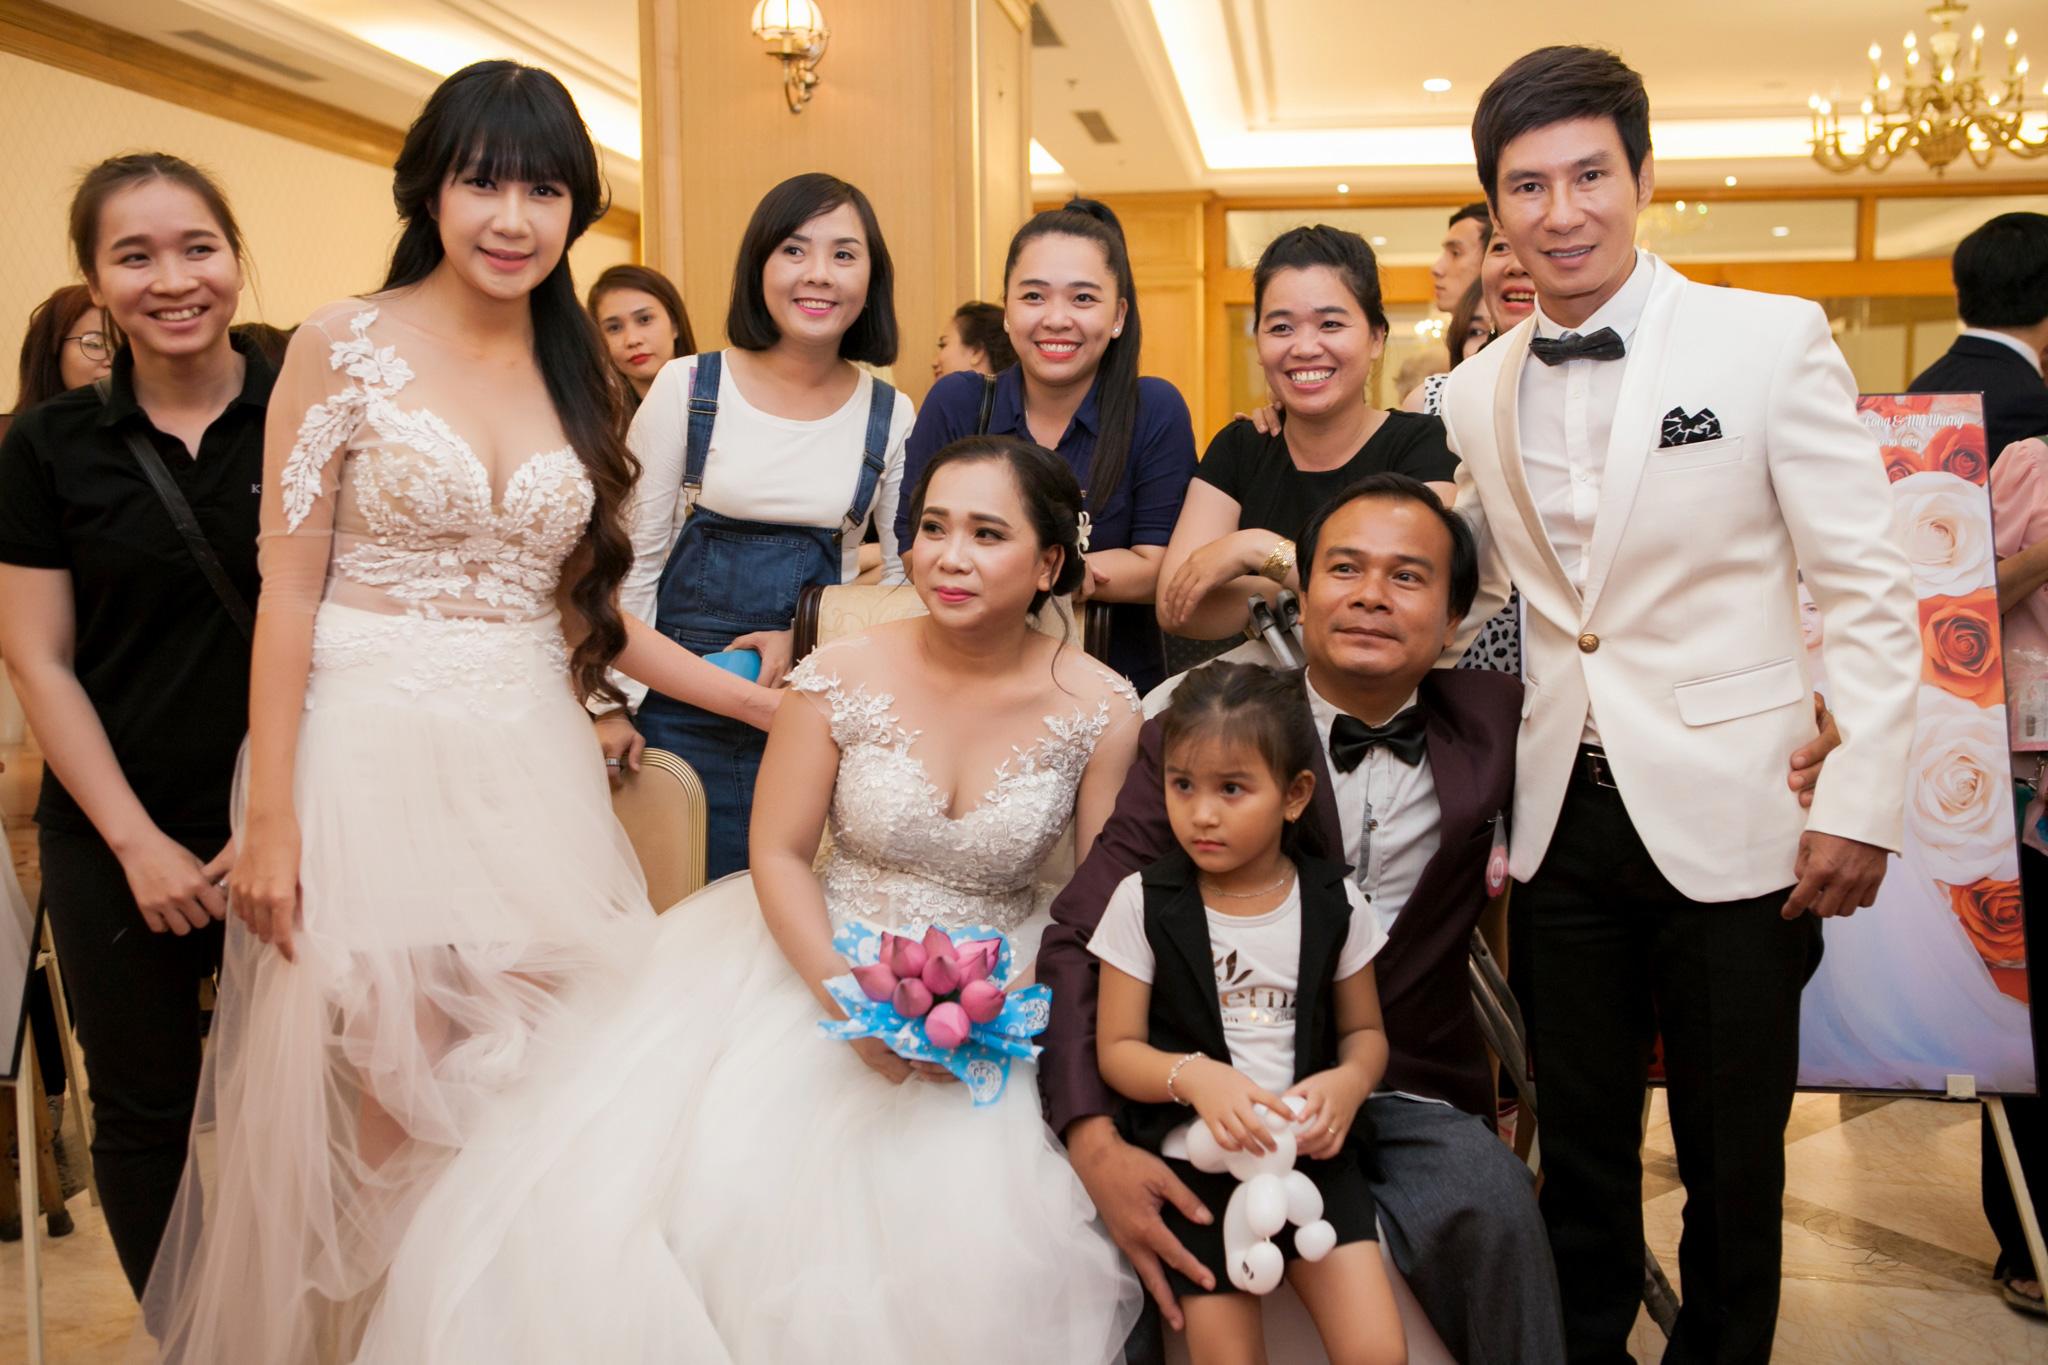 Vợ chồng Lý Hải diện trang phục cô dâu, chú rể dự ngày cưới 60 cặp khuyết tật 4